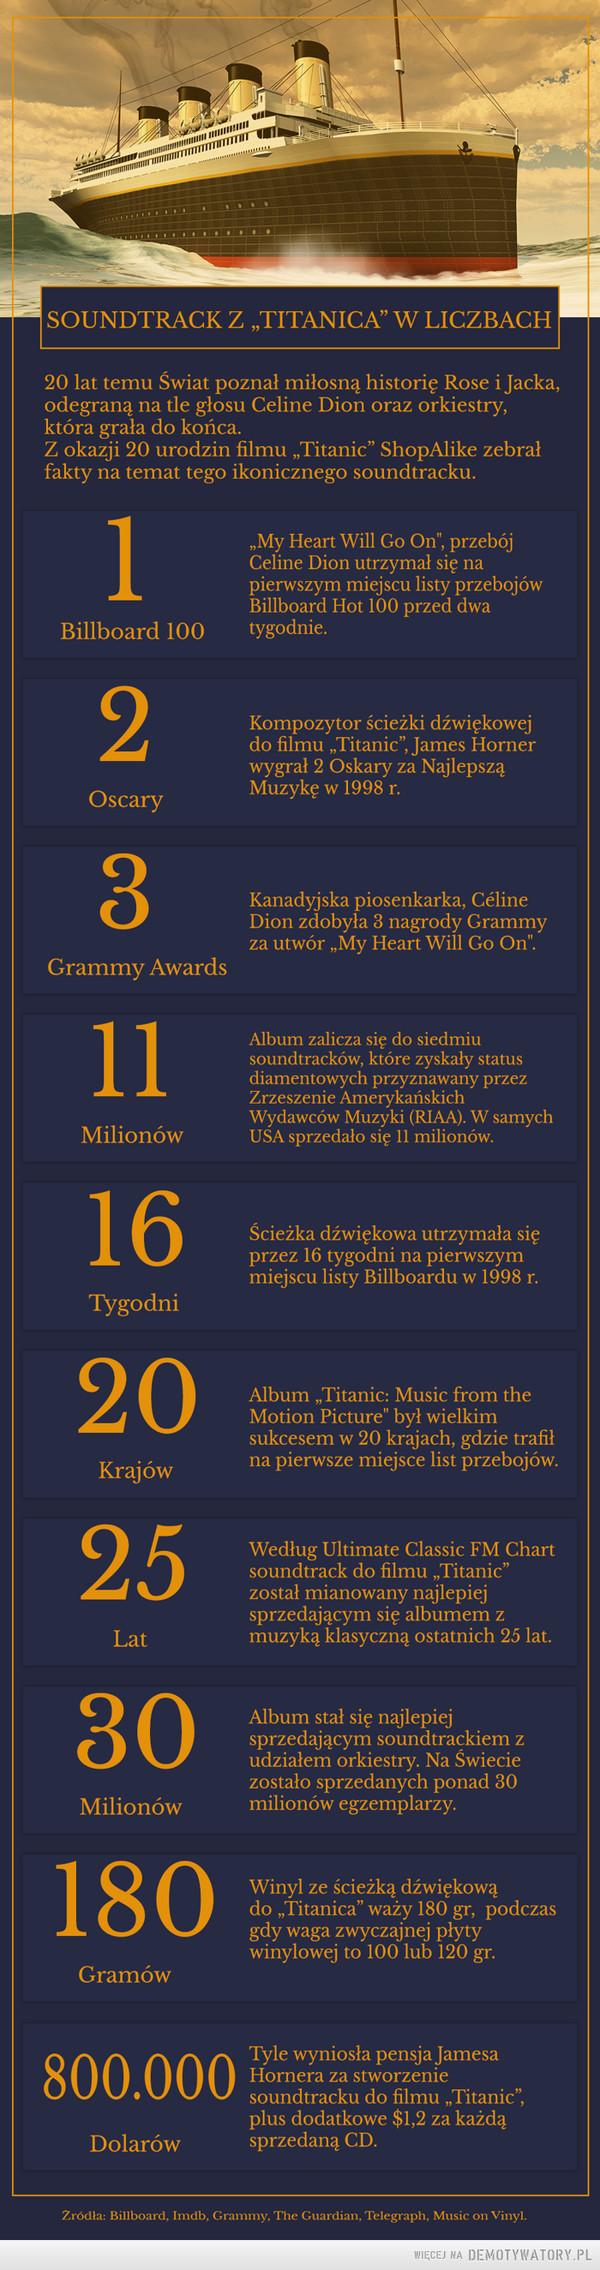 """""""Titanic"""" pojawił się w polskich kinach 20 lat temu - 13 lutego 1998 roku –  SOUNDTRACK Z TITANICA"""" W LICZBACH20 lat temu Świat poznał miłosną historię Rose i Jackaodegraną na tle głosu Celine Dion oraz orkiestryktóra grała do końca,Z okazji 20 urodzin filmu """"Titanic"""" ShopAlike zebrafakty na temat tego ikonicznego soundtracku.My Heart Will Go On, przebójCeline Dion utrzymał się napierwszym miejscu listy przebojoWBillboard Hot 100 przed dwaBillboard 100 tygodnie.2Kompozytor ścieżki dźwiękowejdo filmu """"Titanic"""", James Hornerwygrał 2 Oskary za NajlepsząMuzykę w 1998 r.Oscary8Kanadyjska piosenkarka, CélineDion zdobyła 3 nagrody Grammyza utwór ,,My Heart Will Go On"""".Grammy AwardsAlbum zalicza się do siedmiusoundtracków, które zyskały statusdiamentowych przyznawany przezZrzeszenie AmervkańskichWydawców Muzyki (RIAA). W samychUSA sprzedało się 11 milionówMilionów162025801800.000Ścieżka dźwiękowa utrzymała sięprzez 16 tygodni na pierwszymmiejscu listy Billboardu w 1998 rTygodniAlbum ,""""Titanic: Music from theMotion Picture"""" był wielkimsukcesem w 20 krajach, gdzie trafiKrajówna pierwsze miejsce list przebojówWedług Ultimate Classic FM Chartsoundtrack do filmu, Titanic""""został mianowany najlepiejsprzedającym się albumem zmuzyką klasyczną ostatnich 25 lat.LatAlbum stał się najlepiejsprzedającym soundtrackiem zudziałem orkiestry. Na Swieciezostało sprzedanych ponad 30milionów egzemplarzyMilionówWinyl ze ścieżką dźwiękowądo """"Titanica"""" wazy 180 gr, podczasgdy waga zwyczajnej plytywinylowej to 100 lub 120 gr.GramówTyle wyniosła pensja JamesaHornera za stworzeniesoundtracku do filmu """"Titanic"""",plus dodatkowe $1,2 za każdąDolarów daną CD.Zródła: Billboard, Imdb, Grammy, The Guardian, Telegraph, Music on Vinyl"""